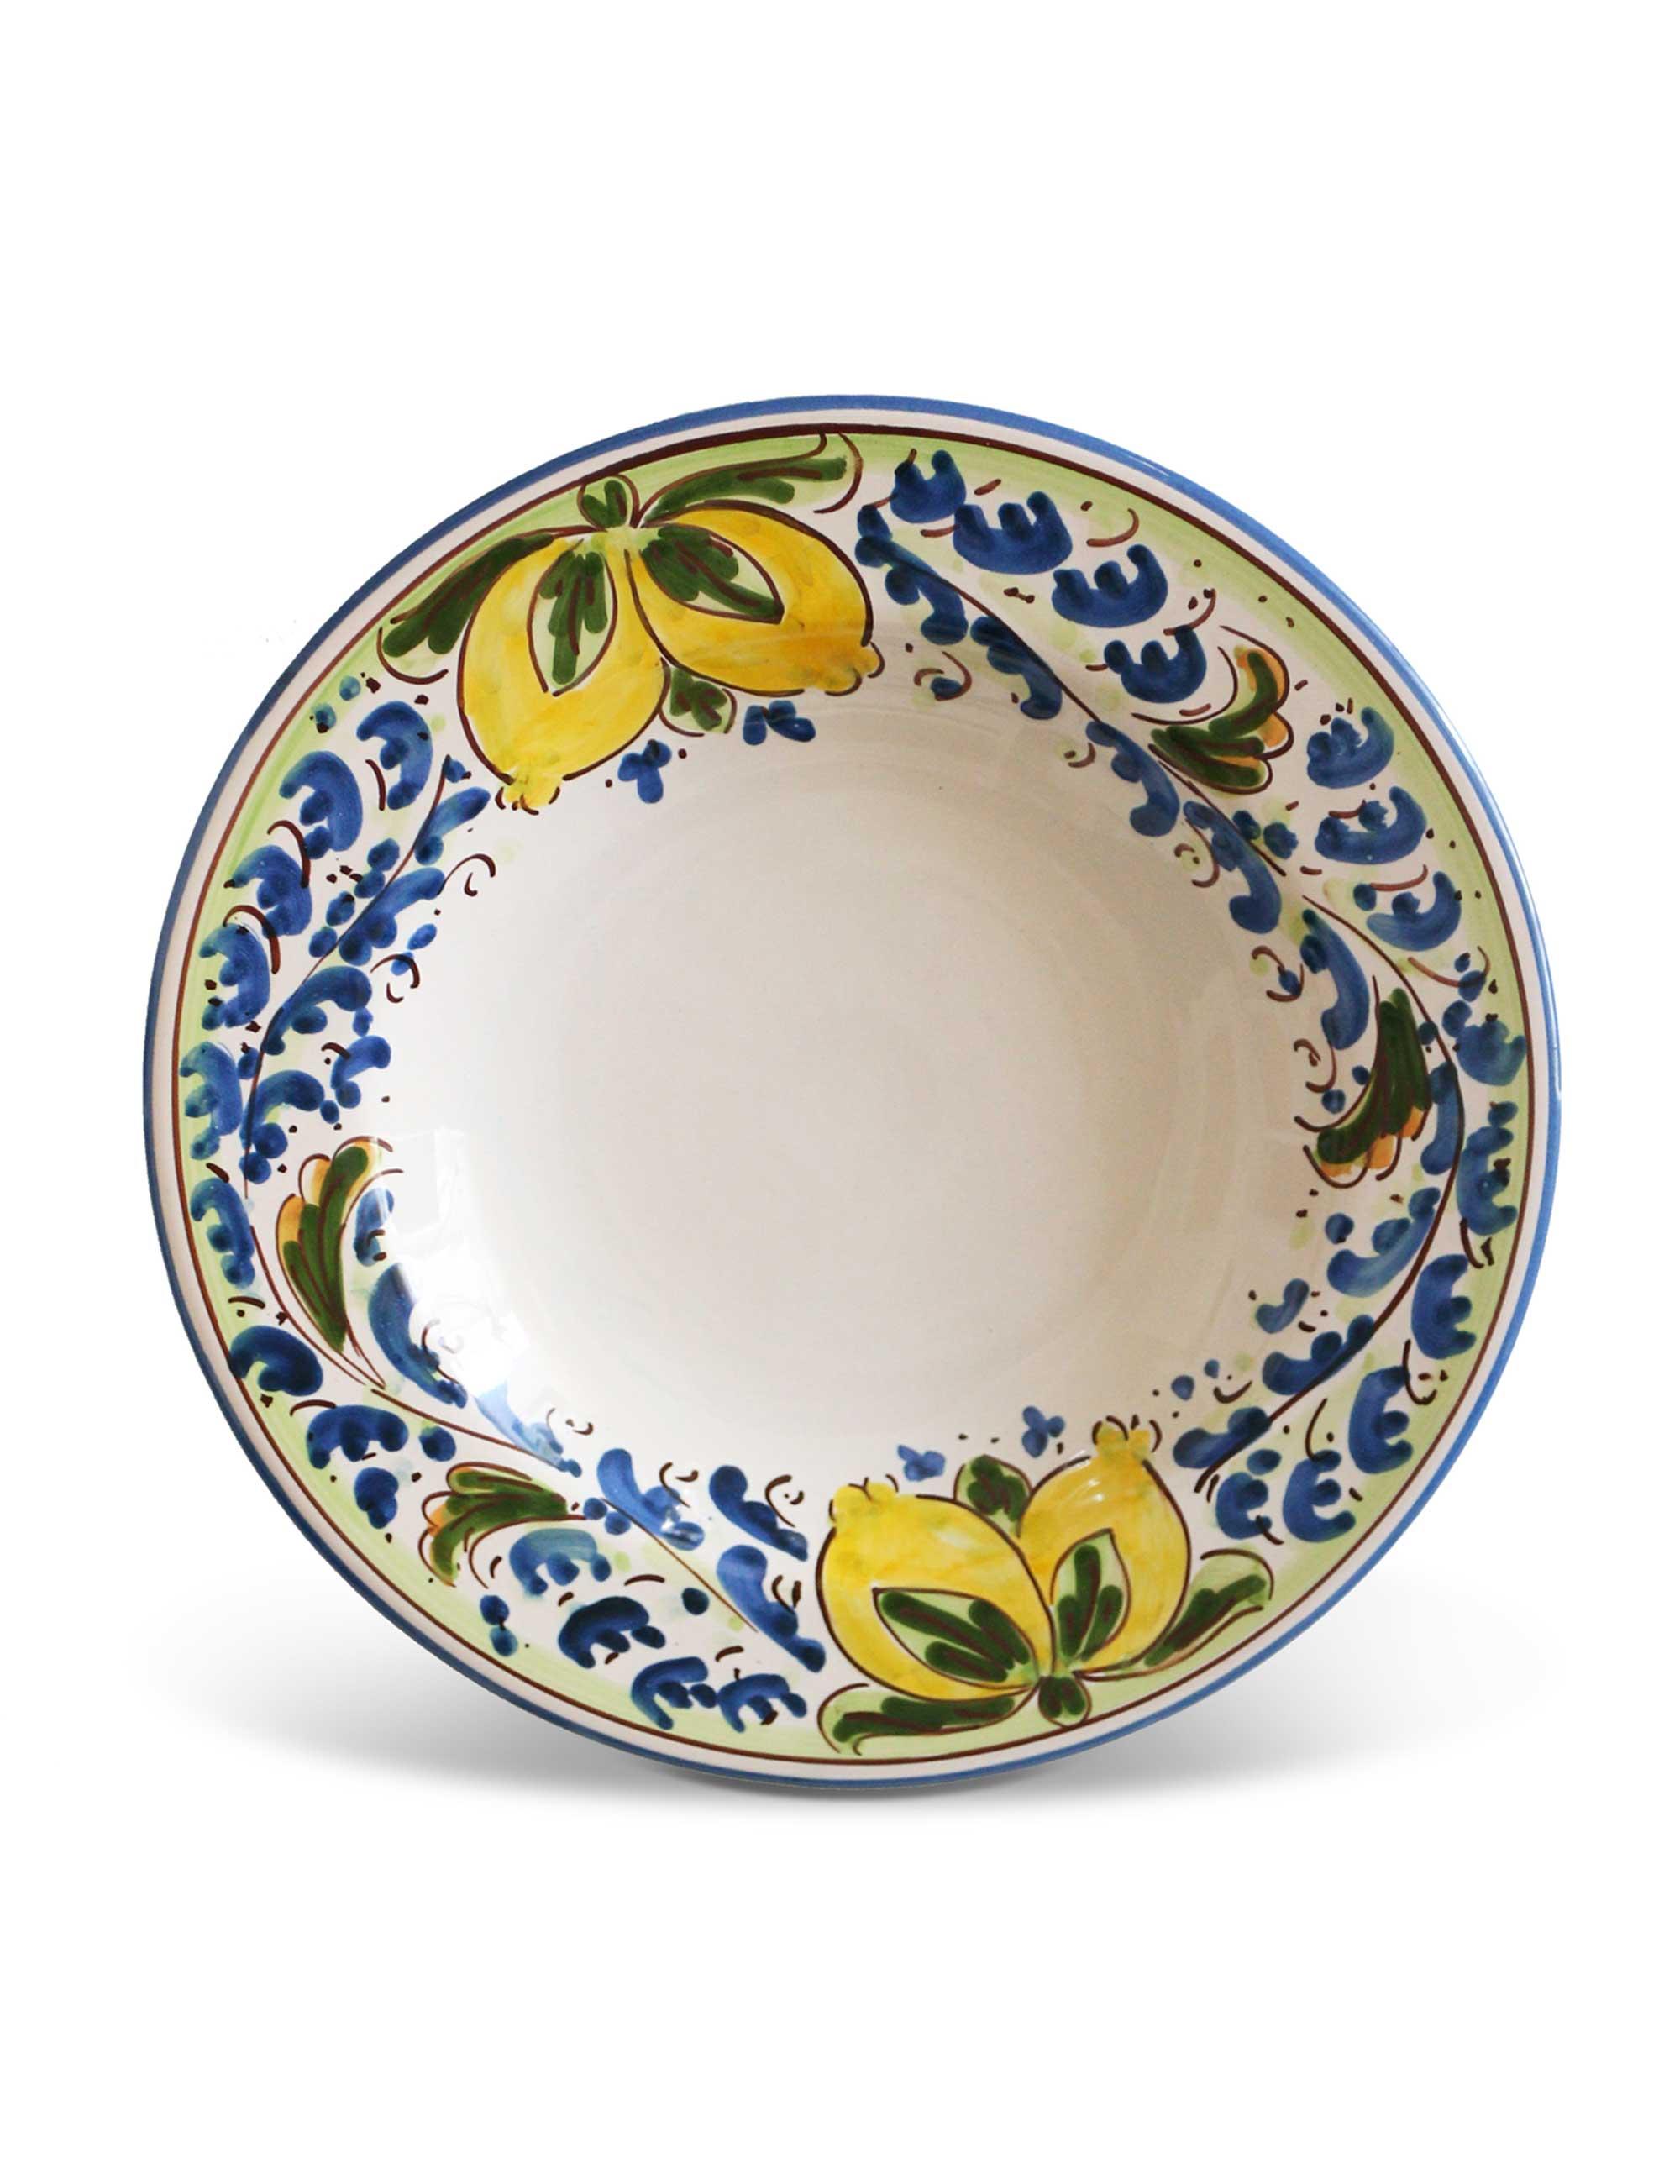 piatti siciliani artigianali fondi